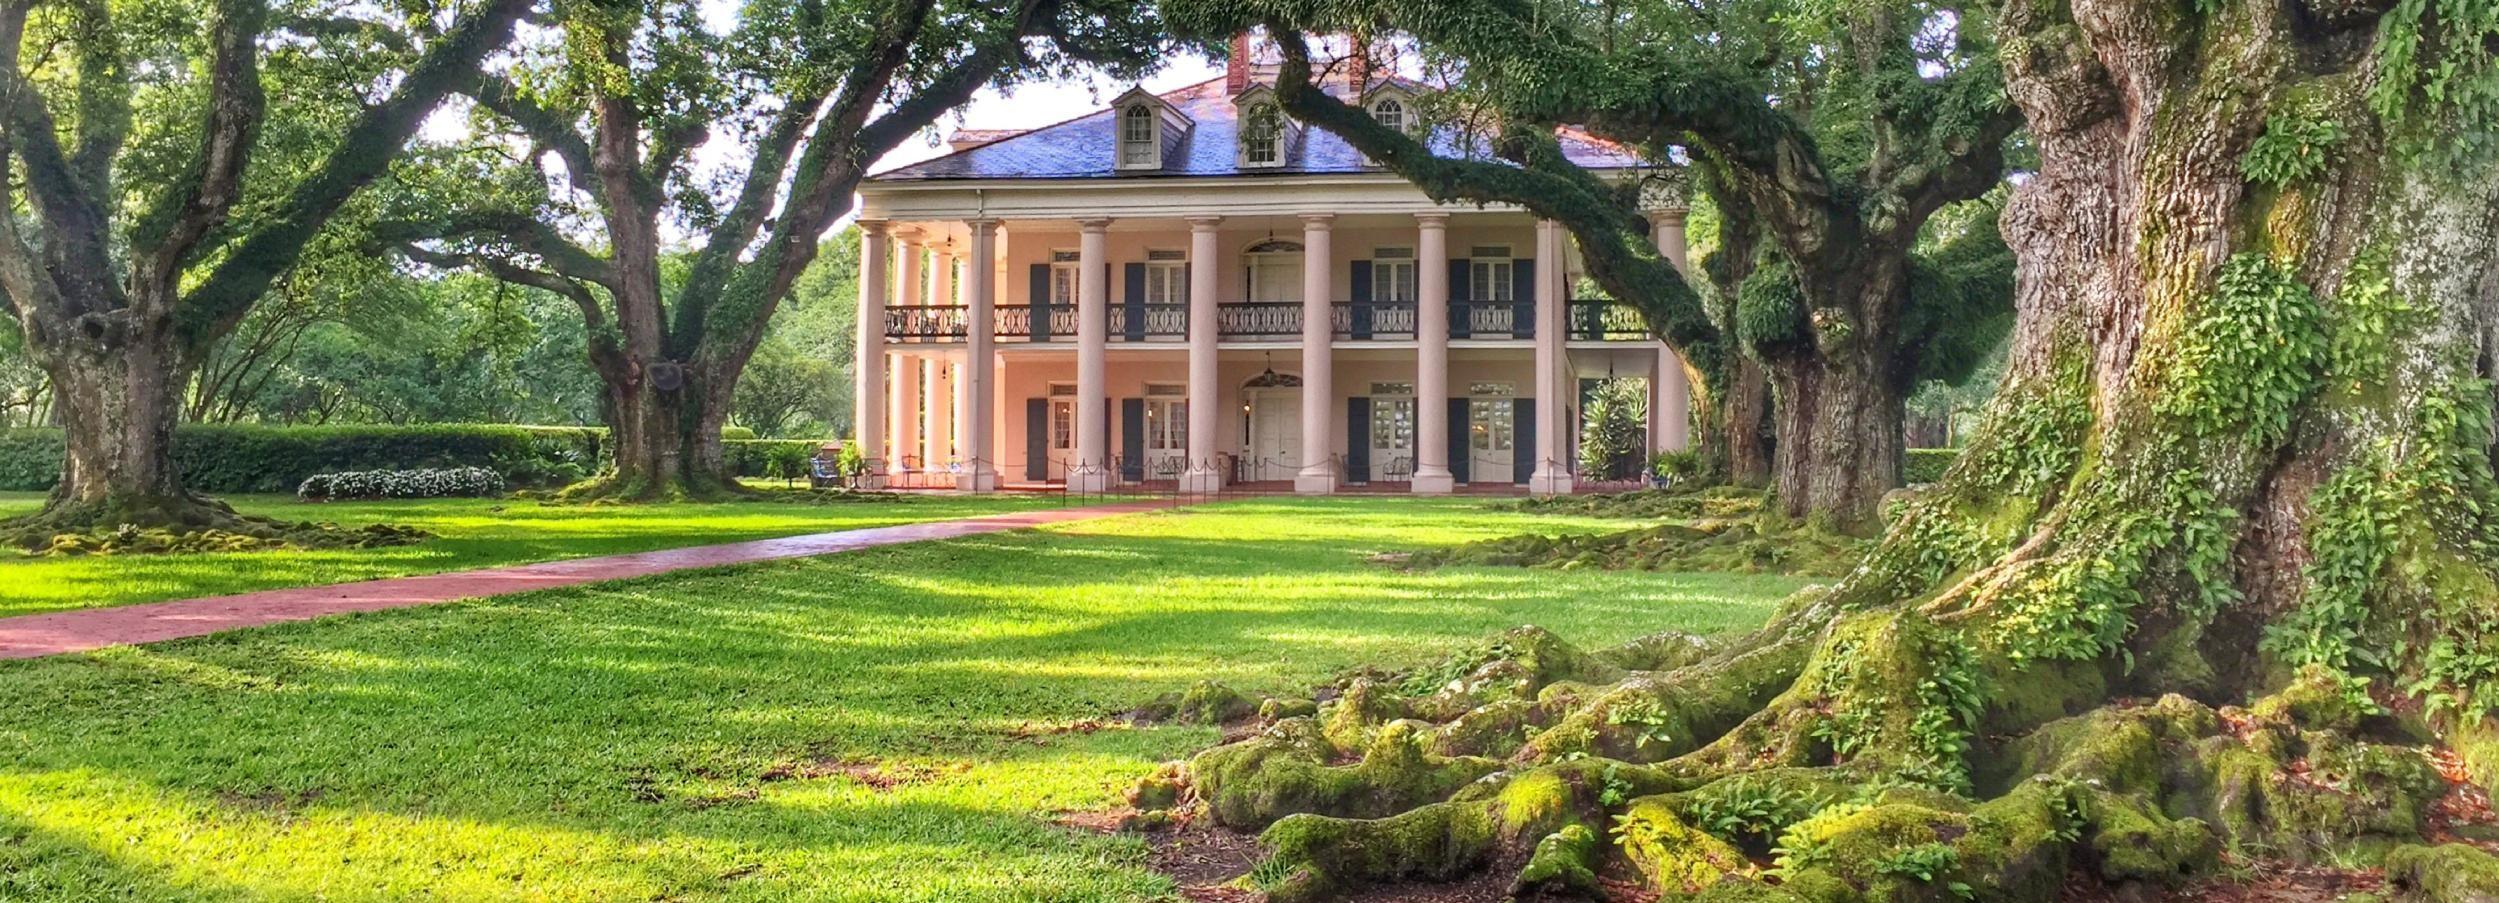 Nueva Orleans: tour por una plantación de robles